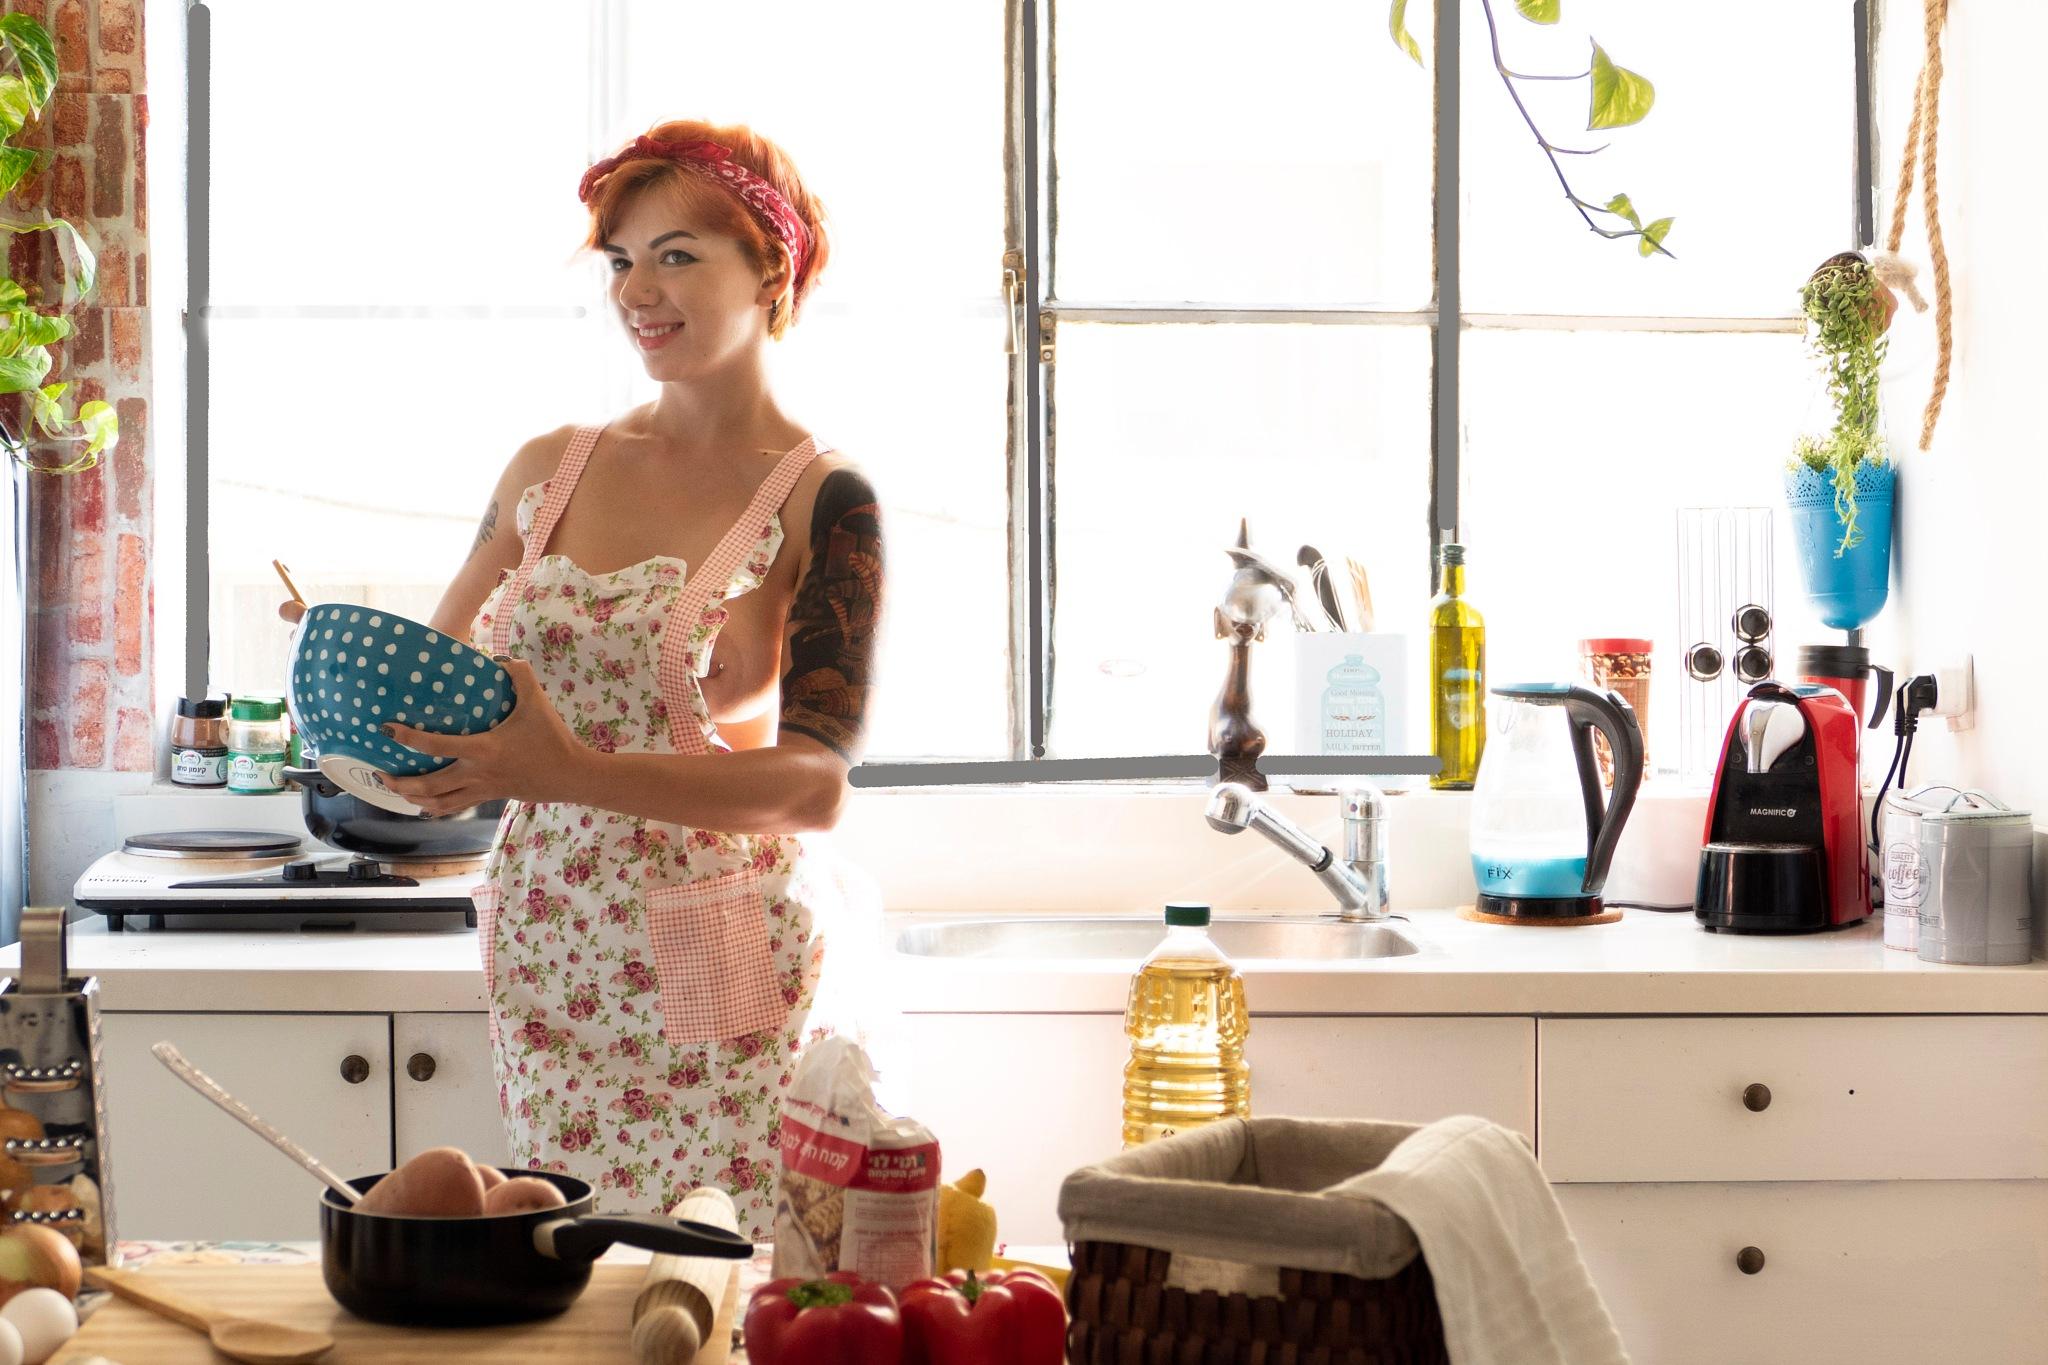 Breakfast is almost ready... by Rebecca Danieli